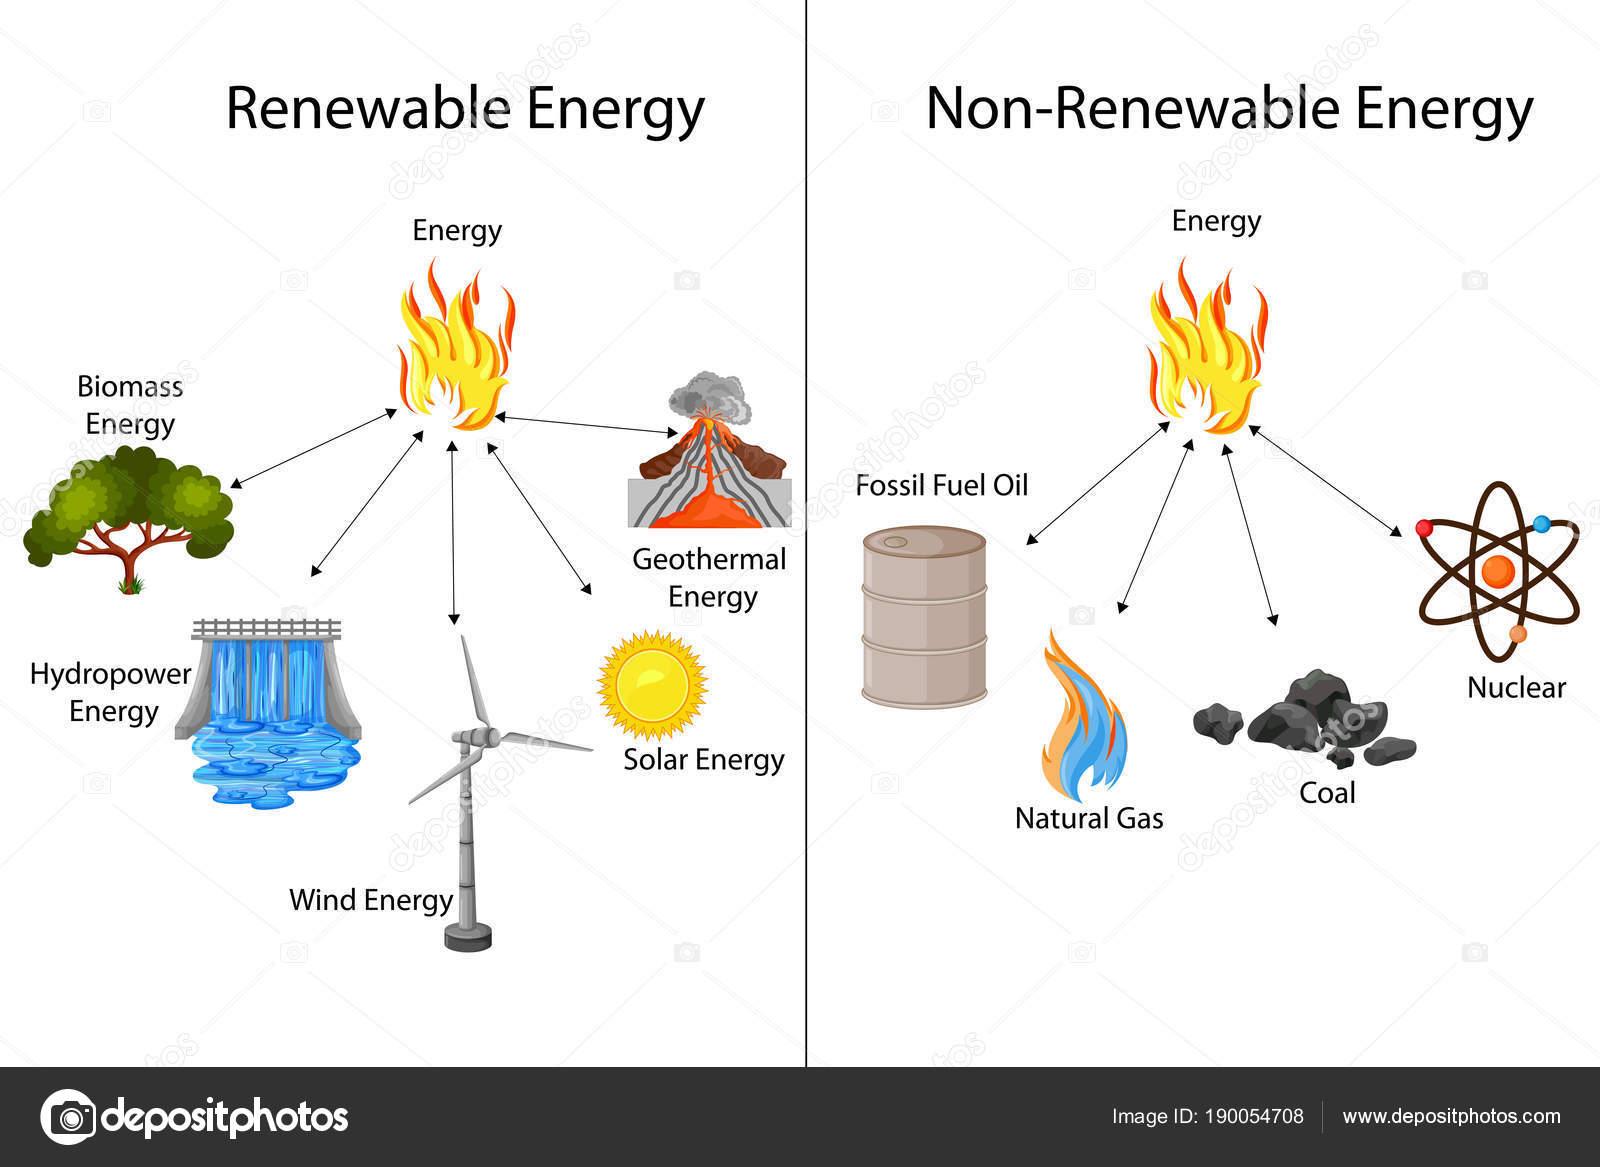 Educazione Grafico Delle Rinnovabili E Non Rinnovabili Di